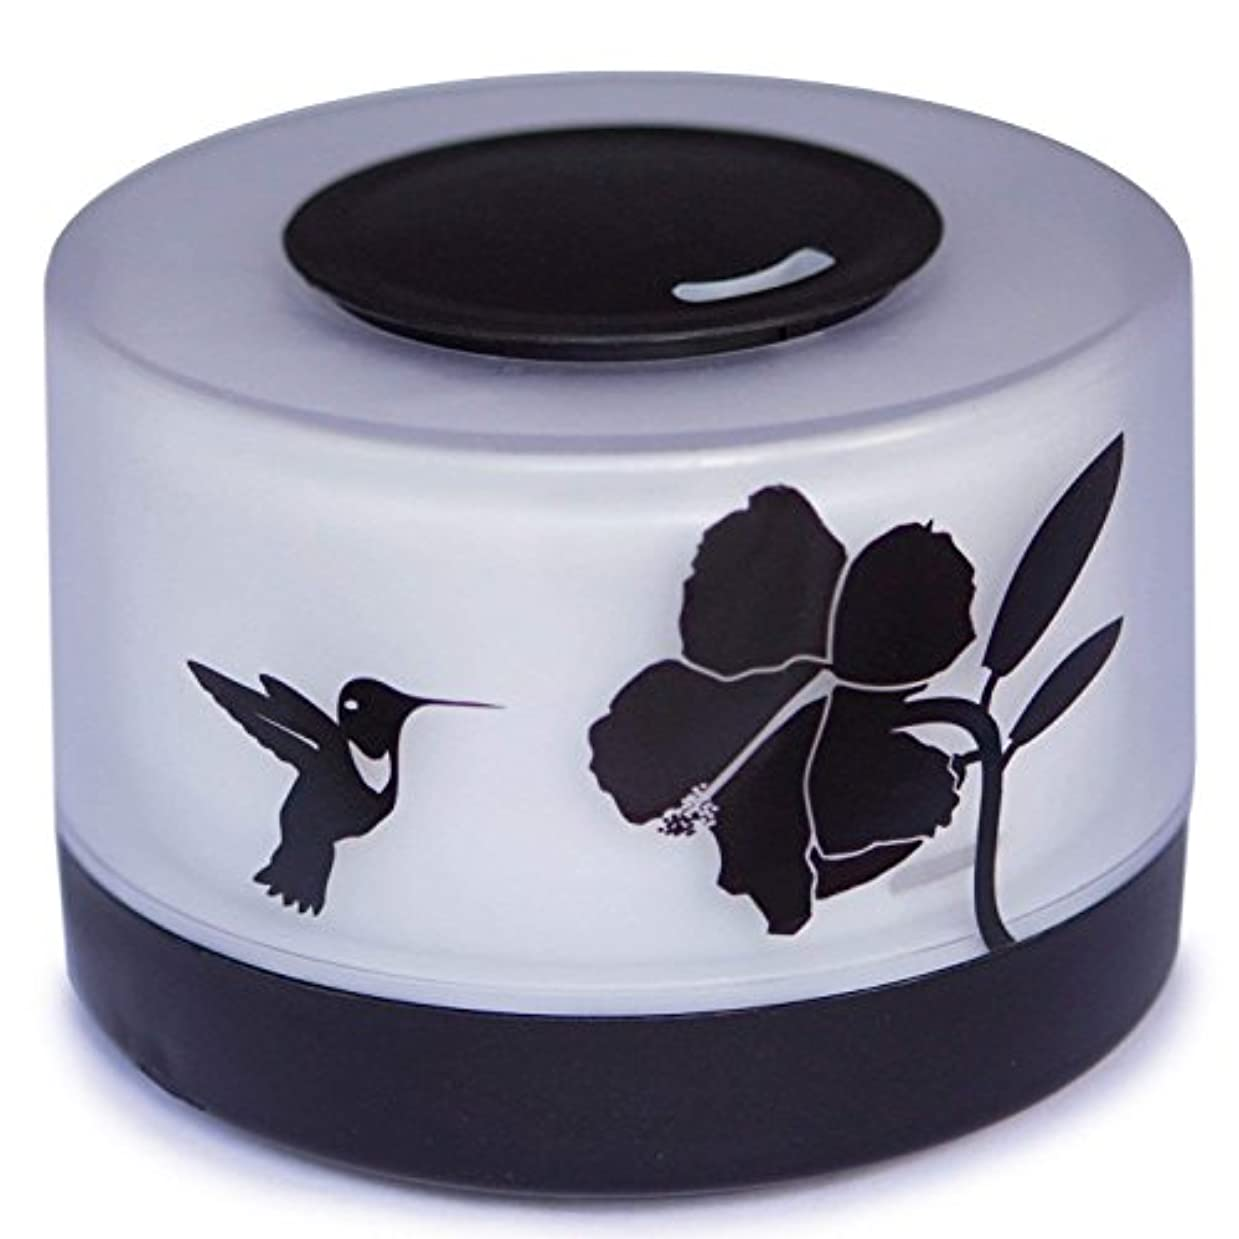 パック勇気のある家事【Amour@Home】超音波式 アロマディフューザー 大容量 加湿器 500ml (ハチドリ)